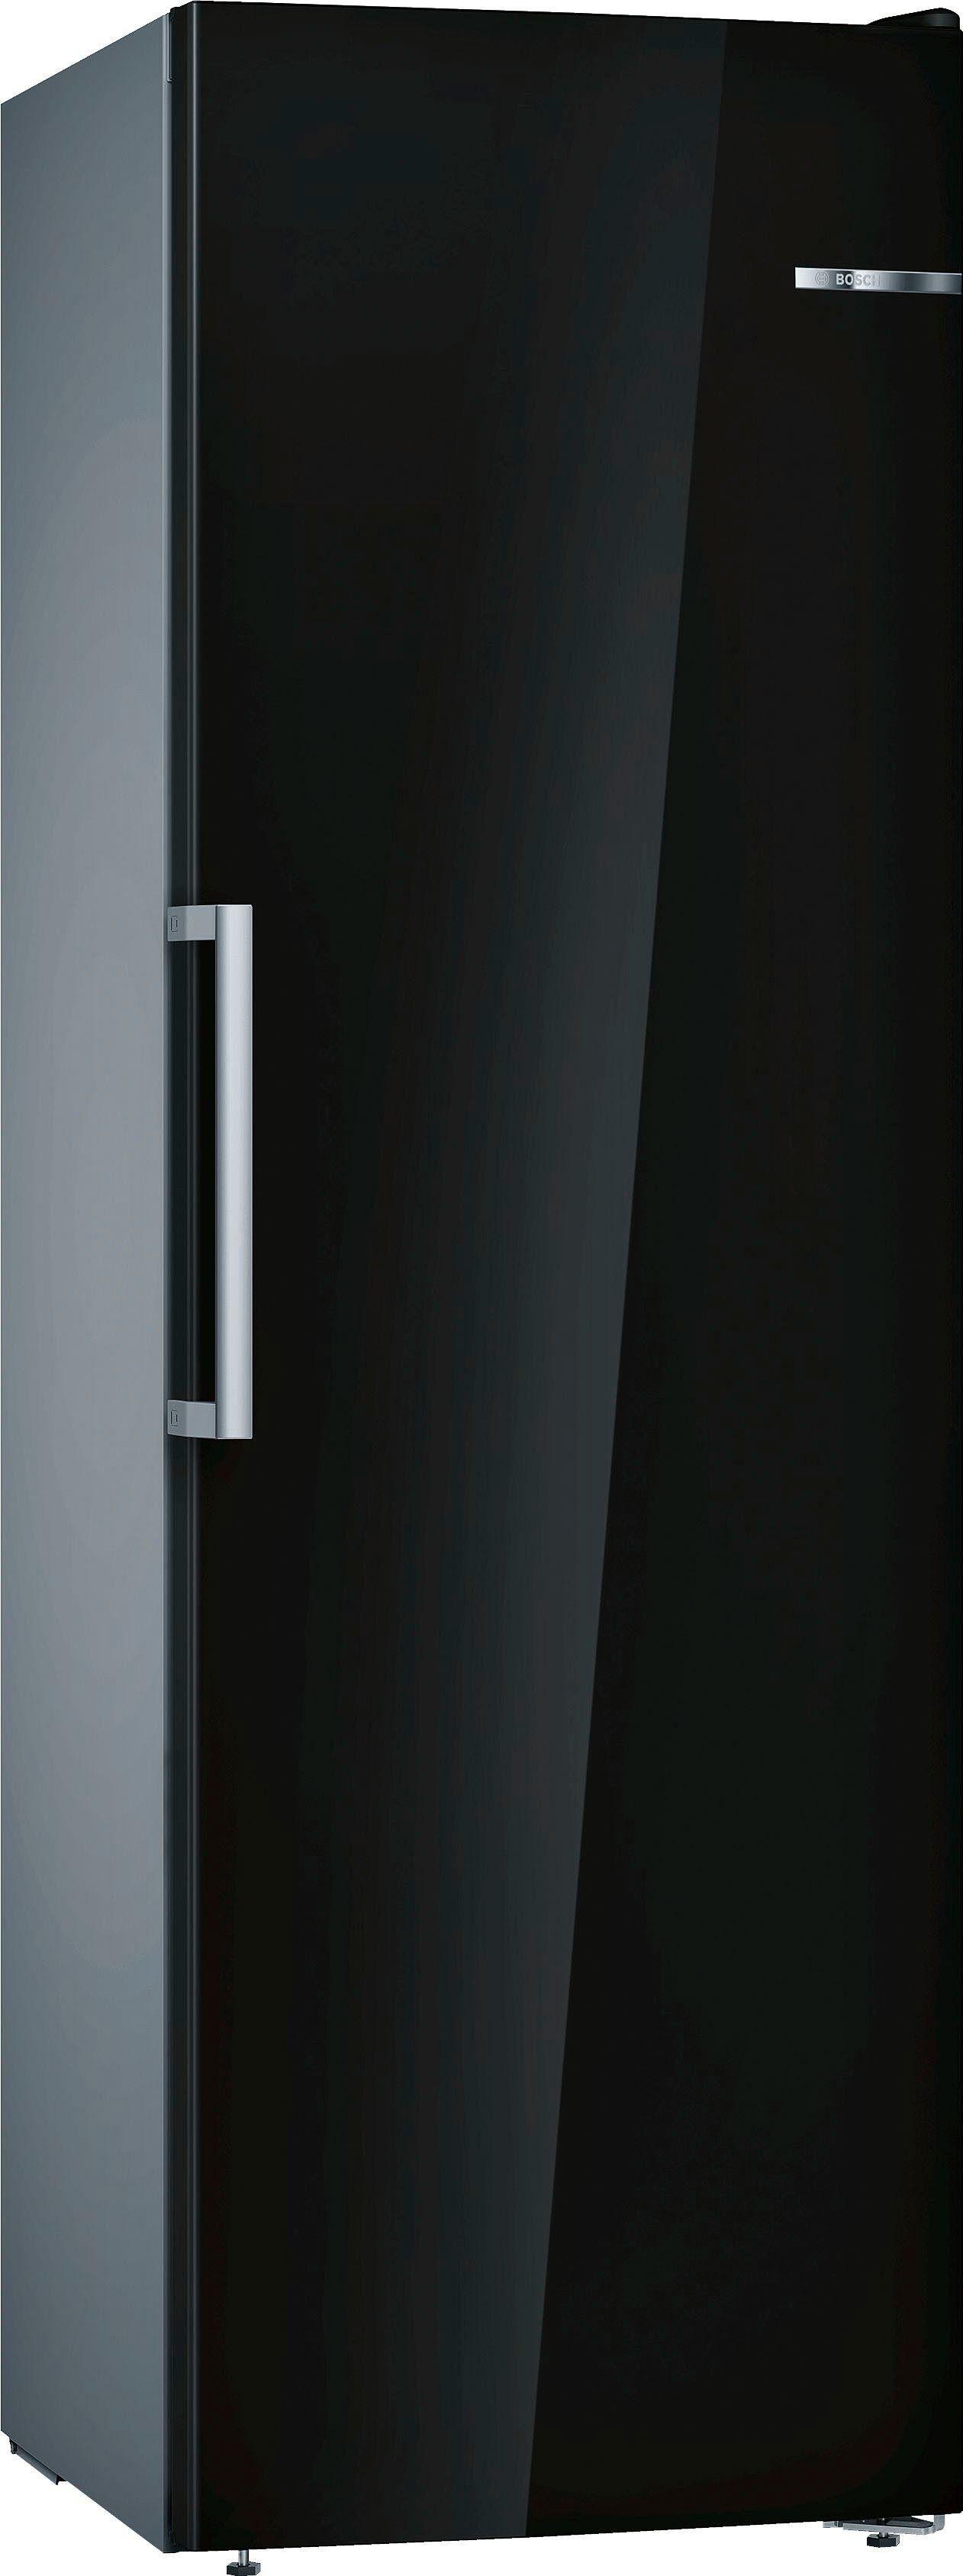 Bosch Gefrierschrank 4 GSN36VBFP, 186 cm hoch, 60 cm breit, schwarz, Energieeffizienzklasse A++